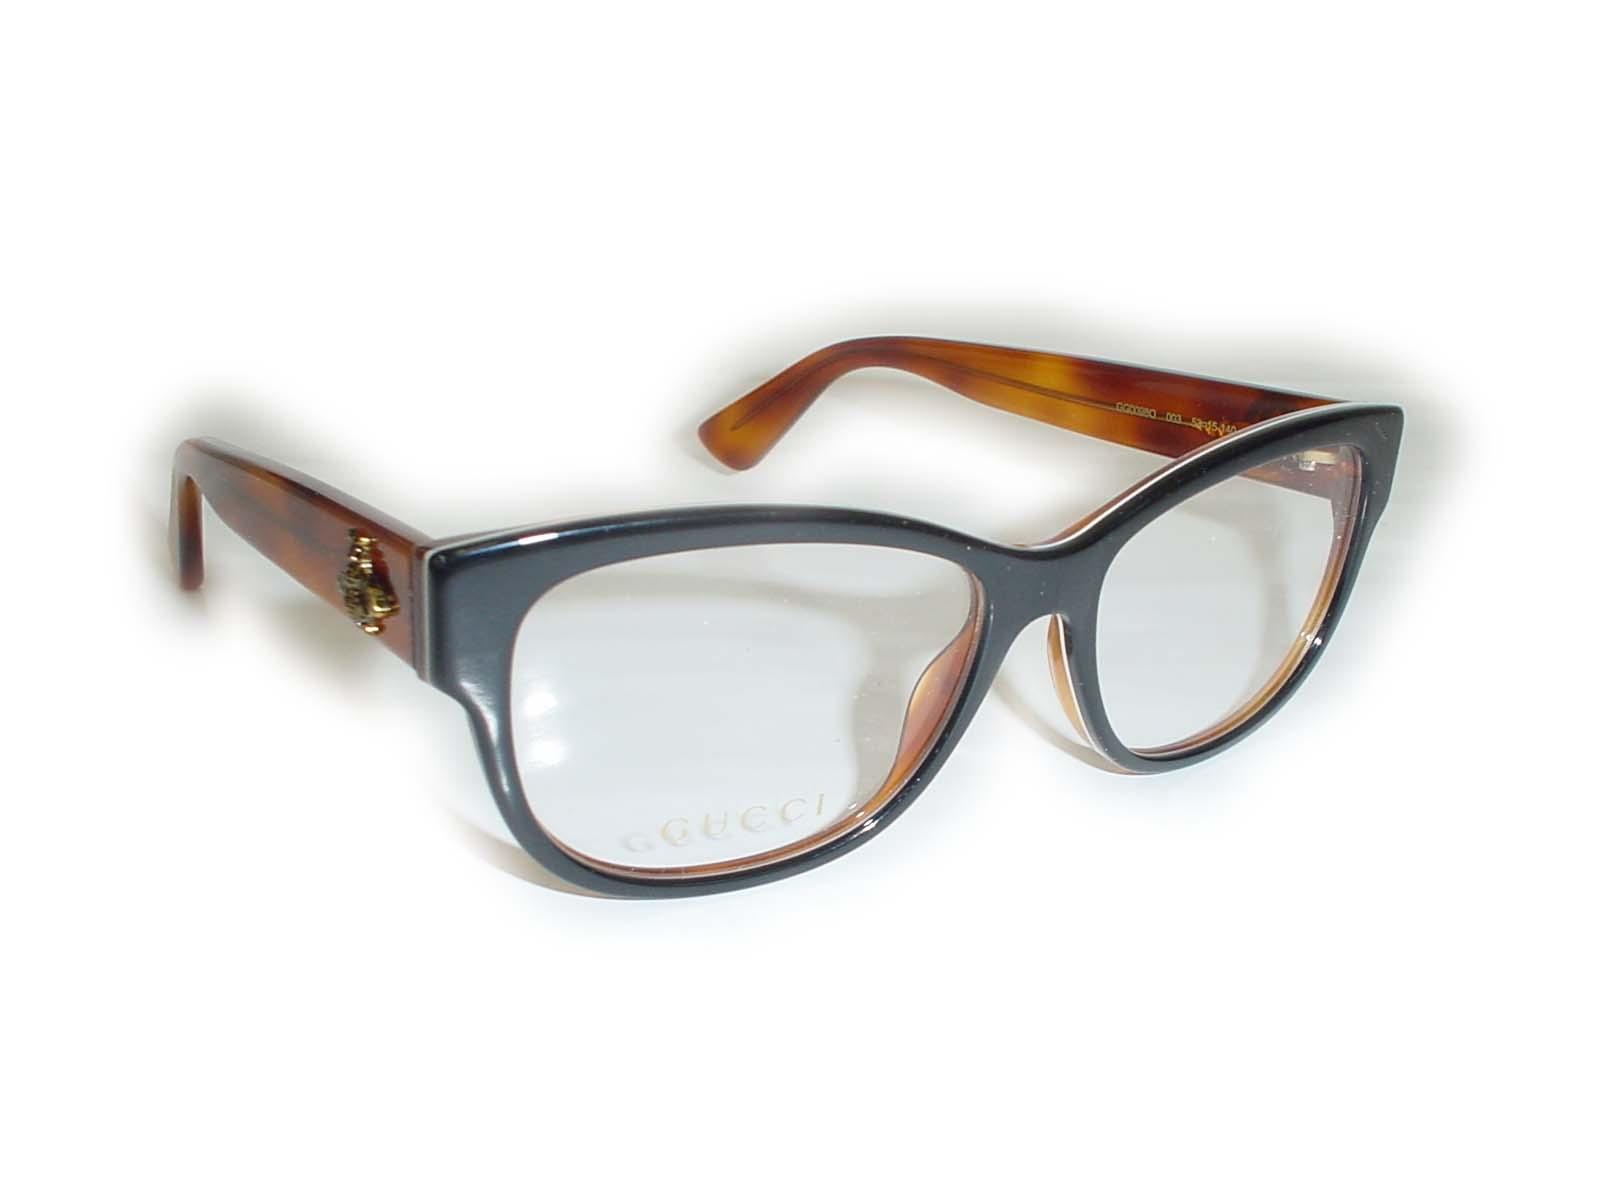 ★★GUCCI★★ GG0098O 53□15-140 003 BK BR超薄型非球面レンズ付グッチ メガネ